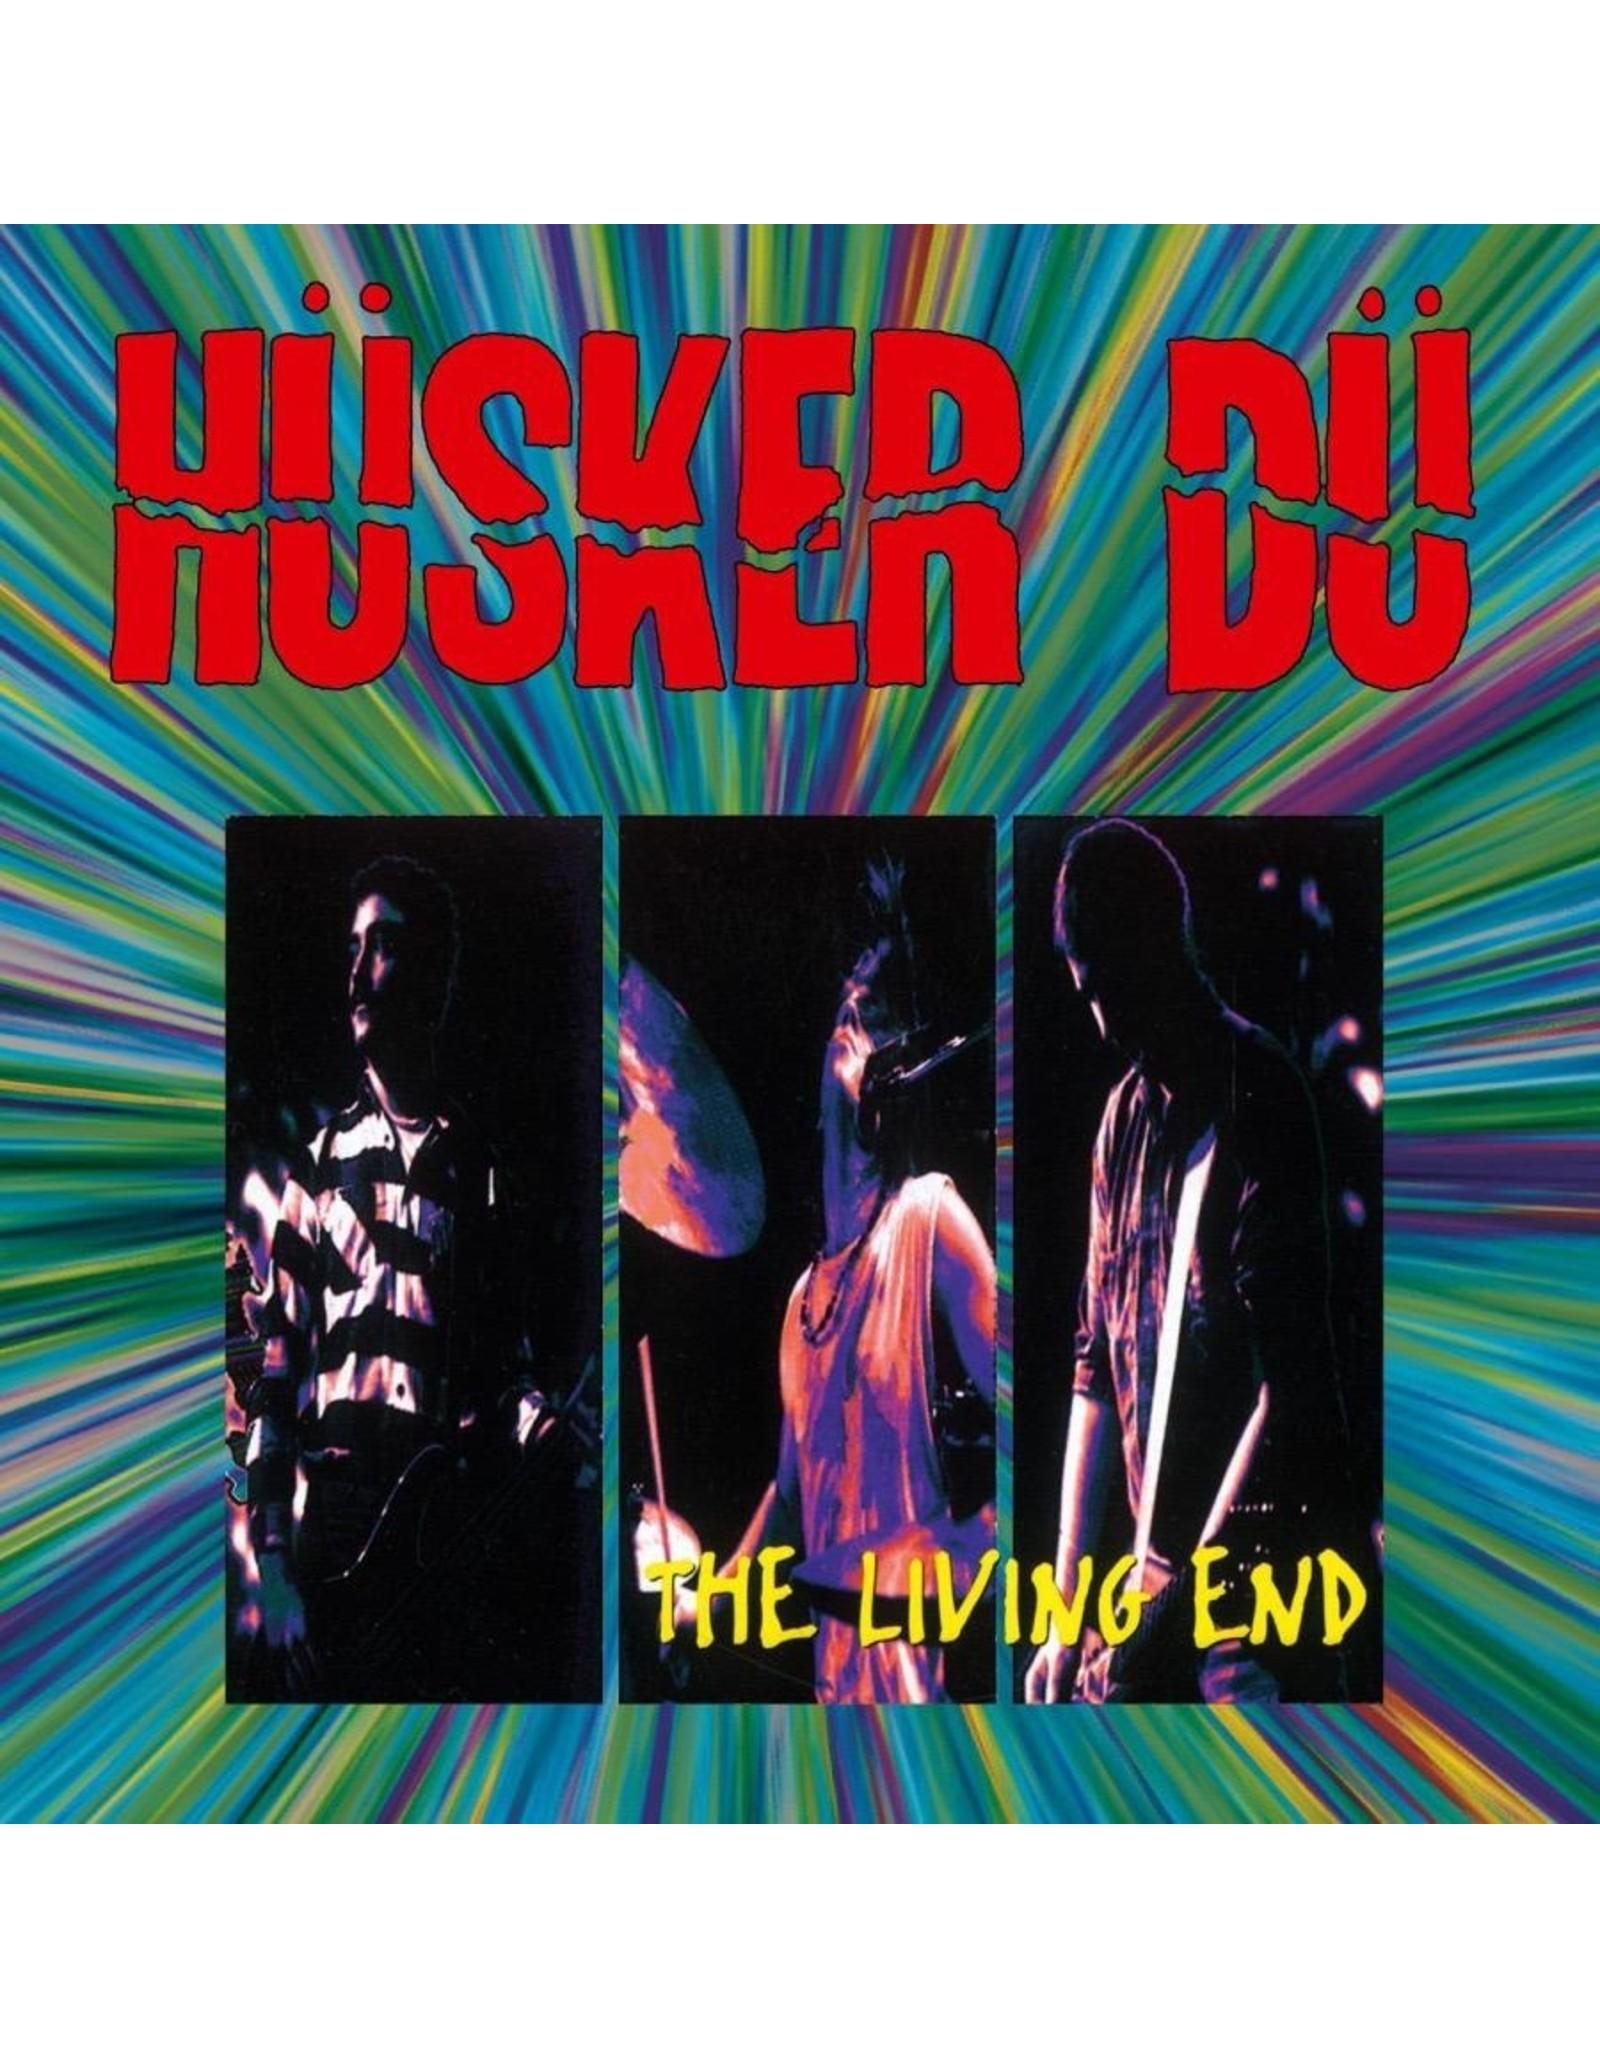 New Vinyl Husker Du - The Living End 2LP